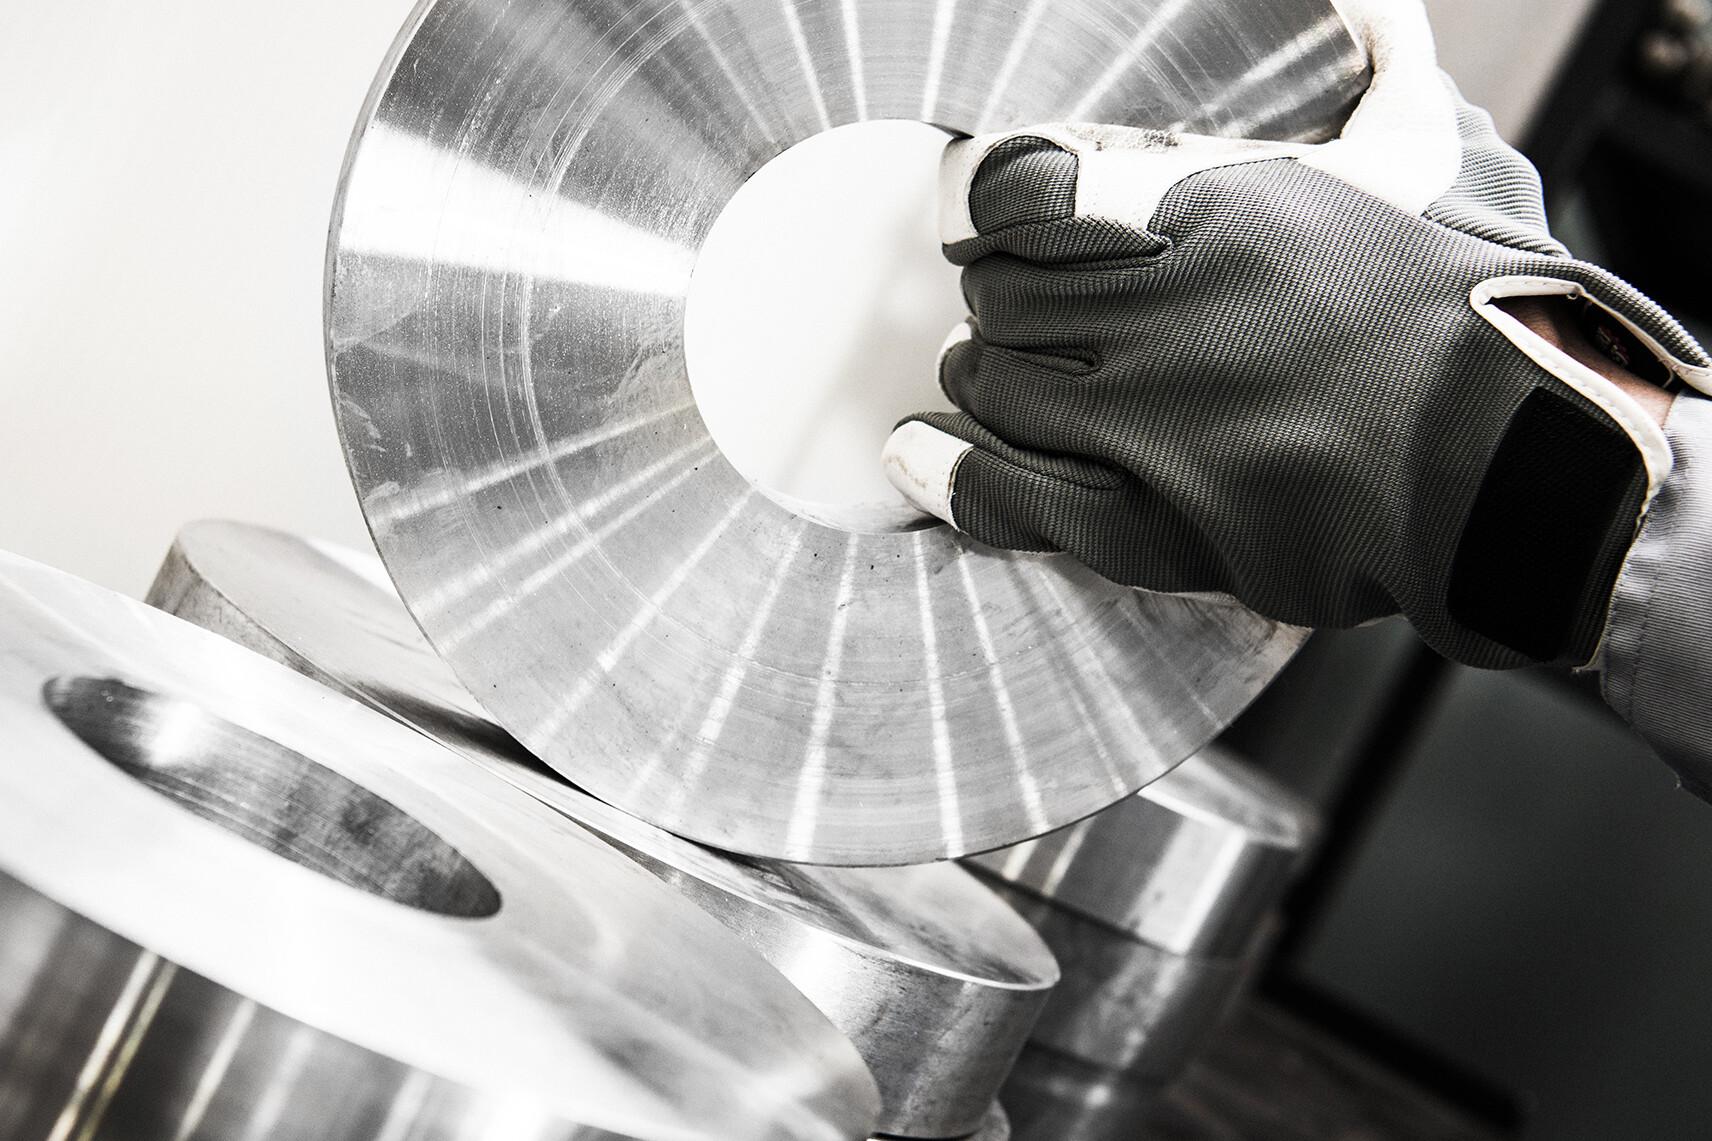 Expertenwissen VCI-Korrosionsschutz NO-CORRO® Nawrot AG Stahl für CNC weiterverarbeitung